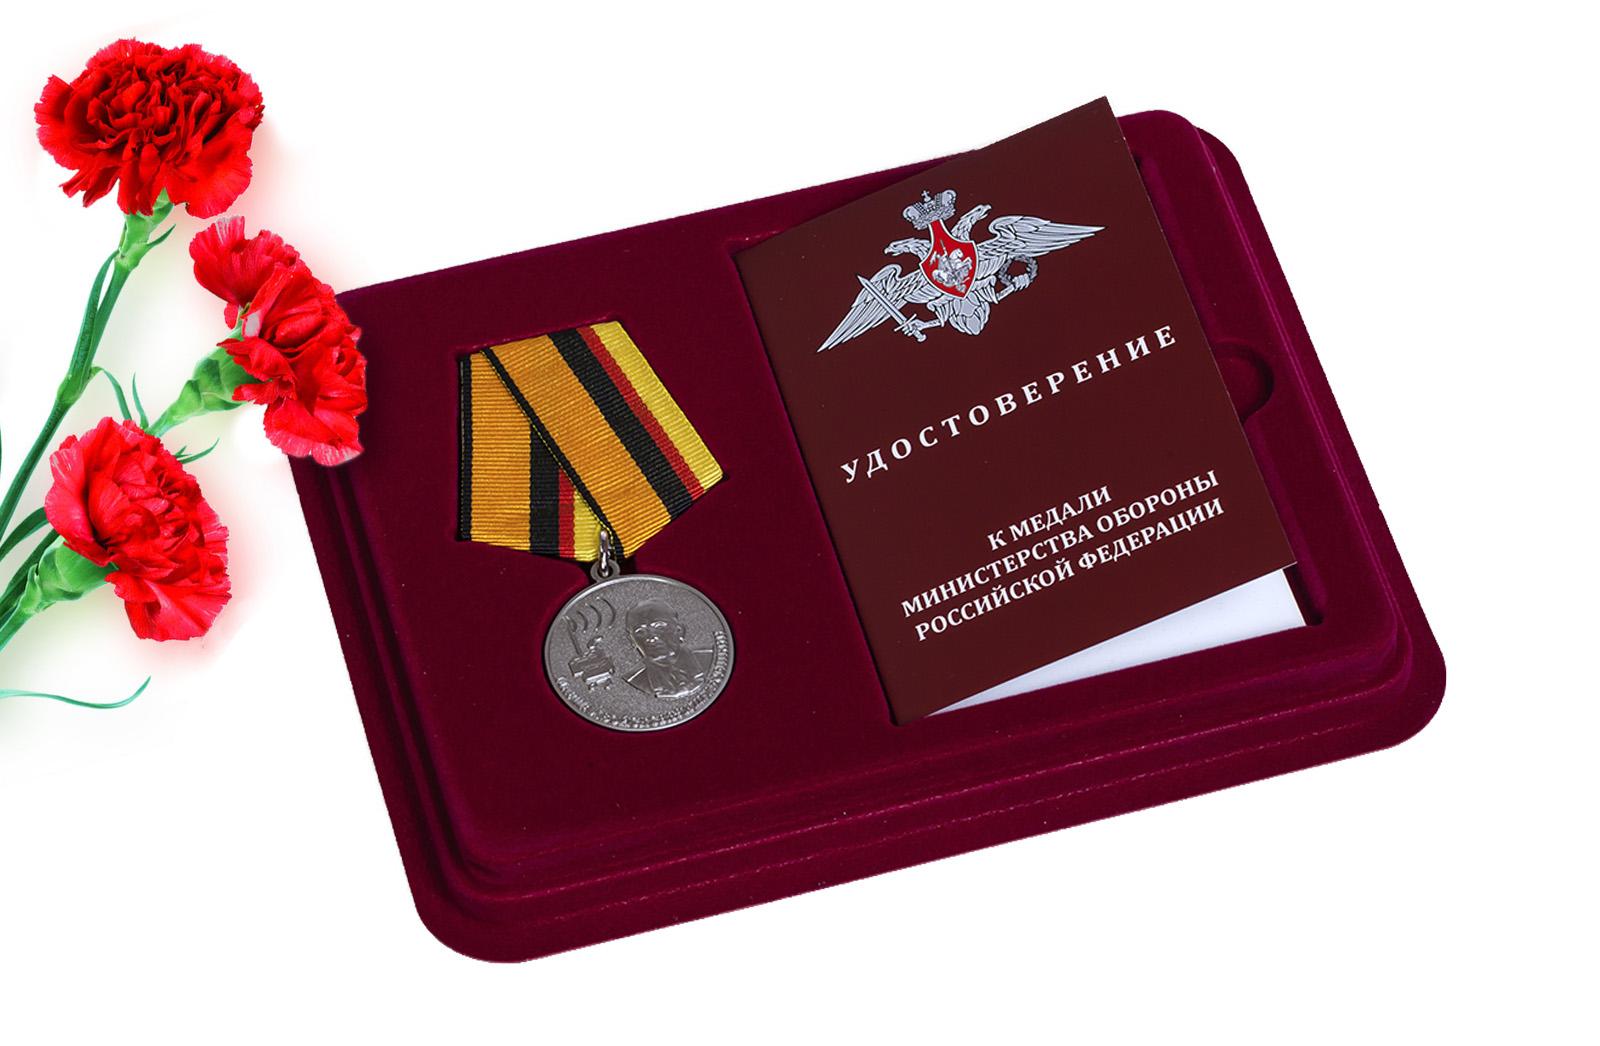 Купить медаль Маршал Пересыпкин в футляре с удостоверением онлайн